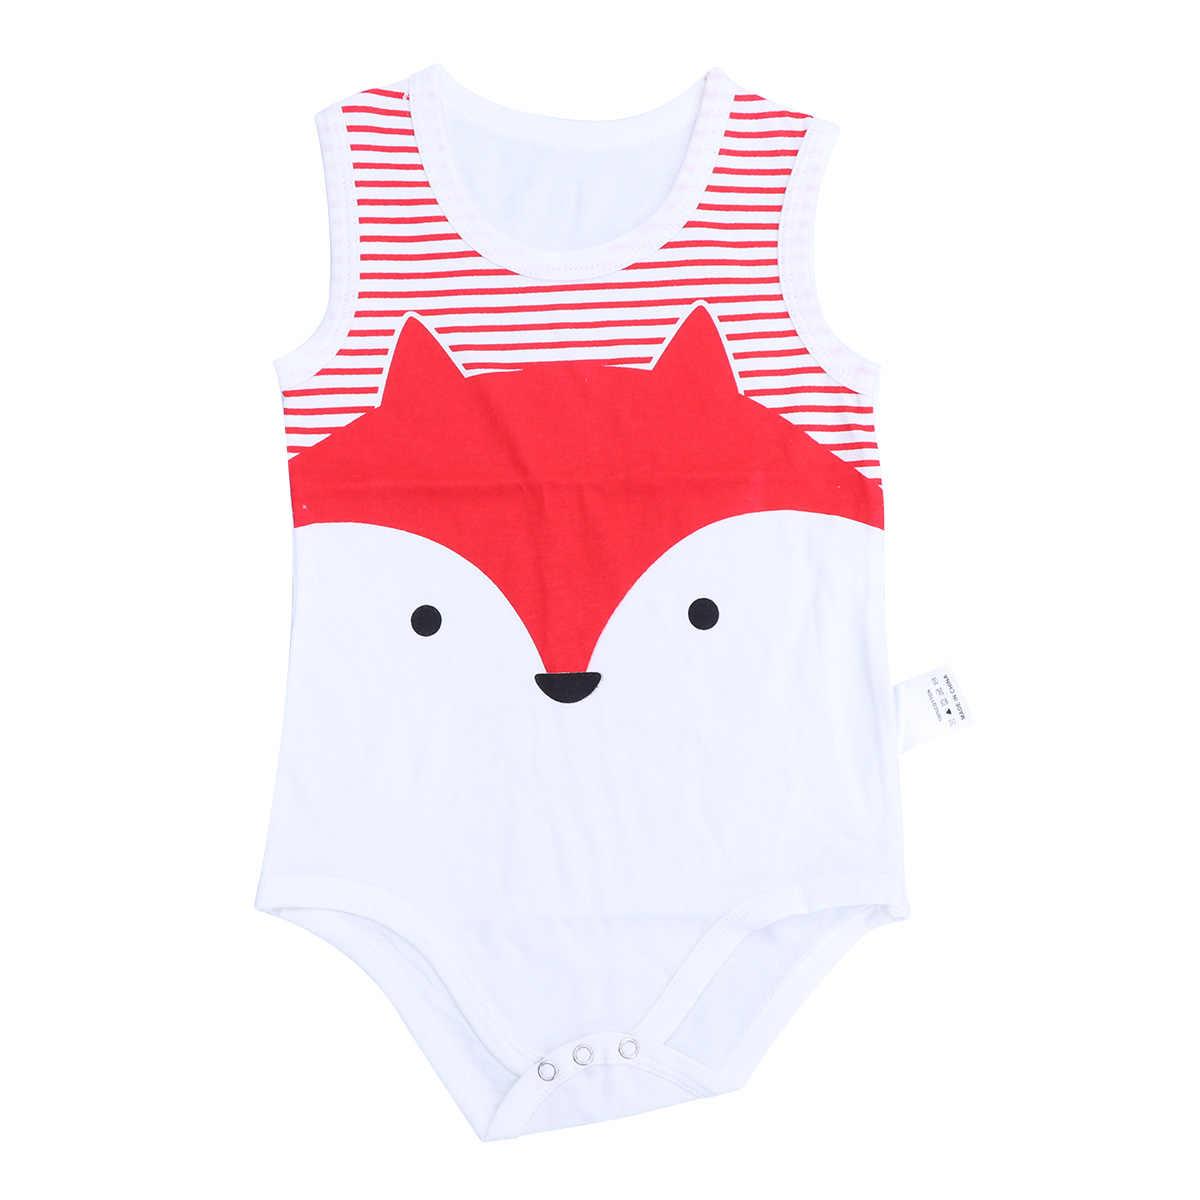 80 см для новорожденных летняя одежда хлопок мультфильм без рукавов восхождение комбинезон повседневное треугольный конверт (Red Fox)